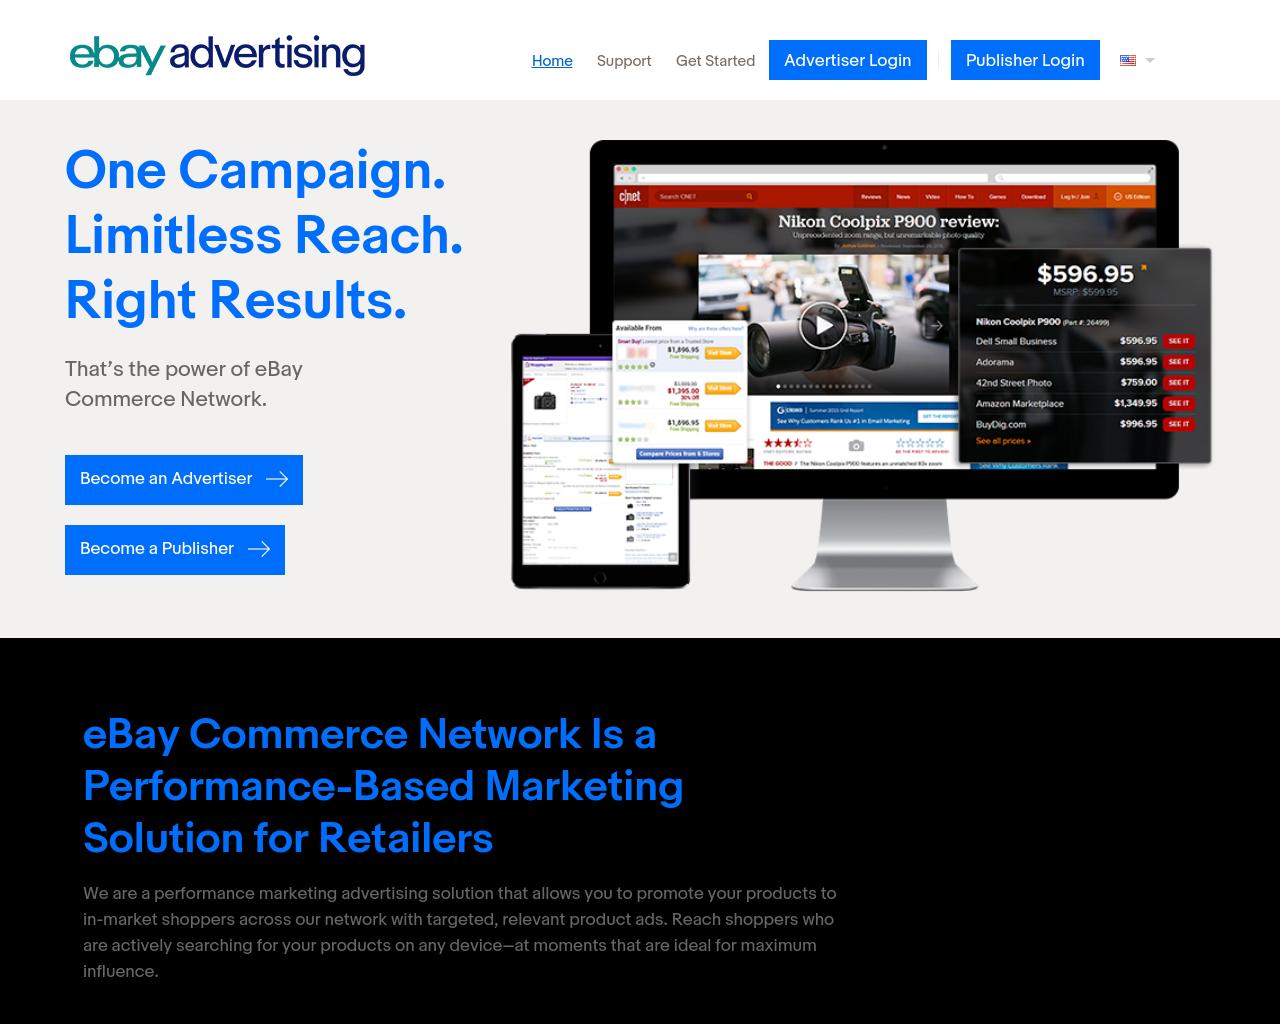 eBay-Advertising-Advertising-Reviews-Pricing